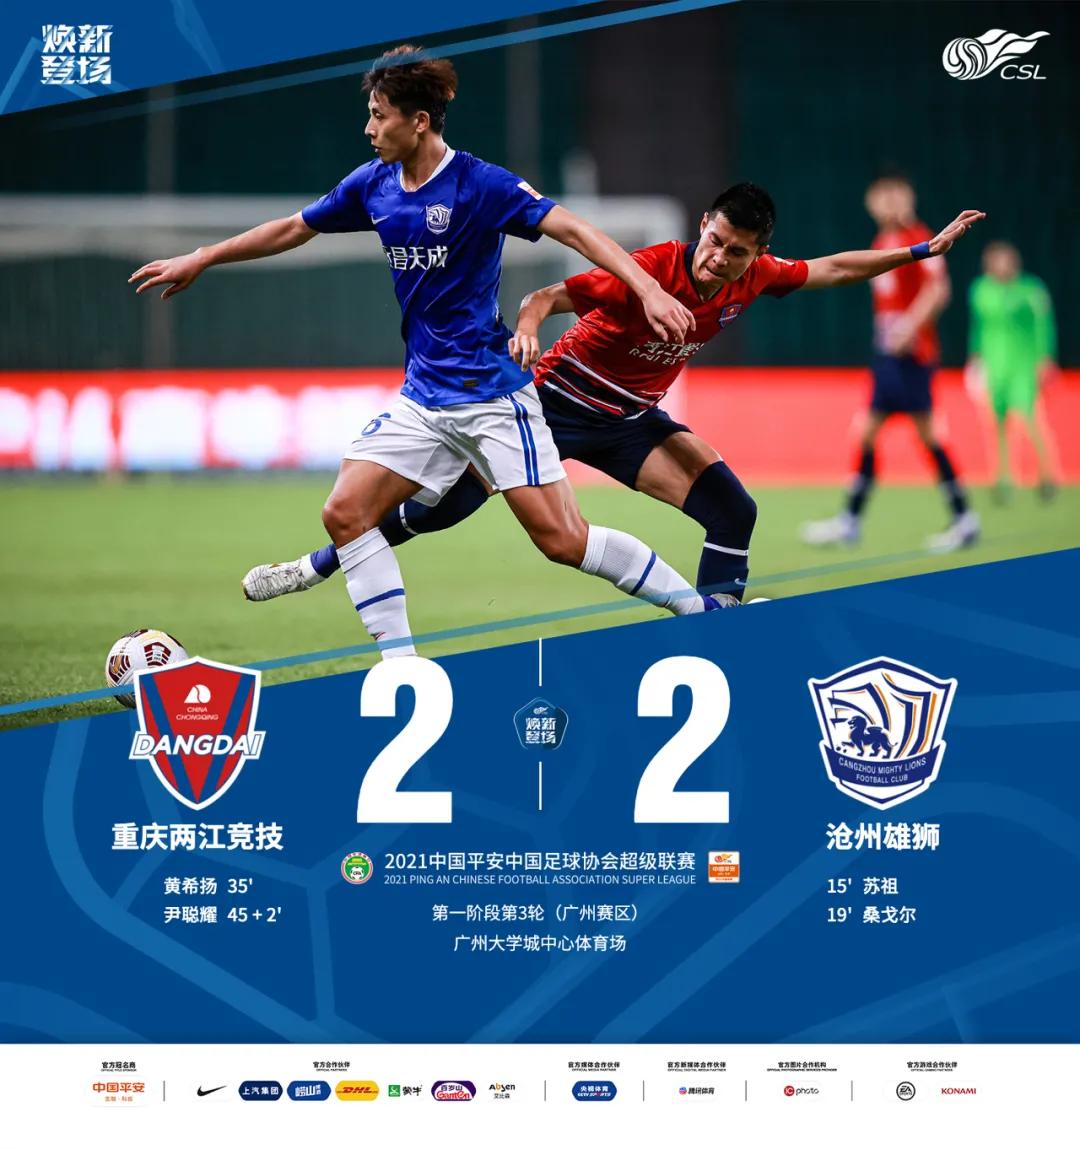 重庆2-2沧州数据:沧州传控近两倍于对手,重庆破门机会更多